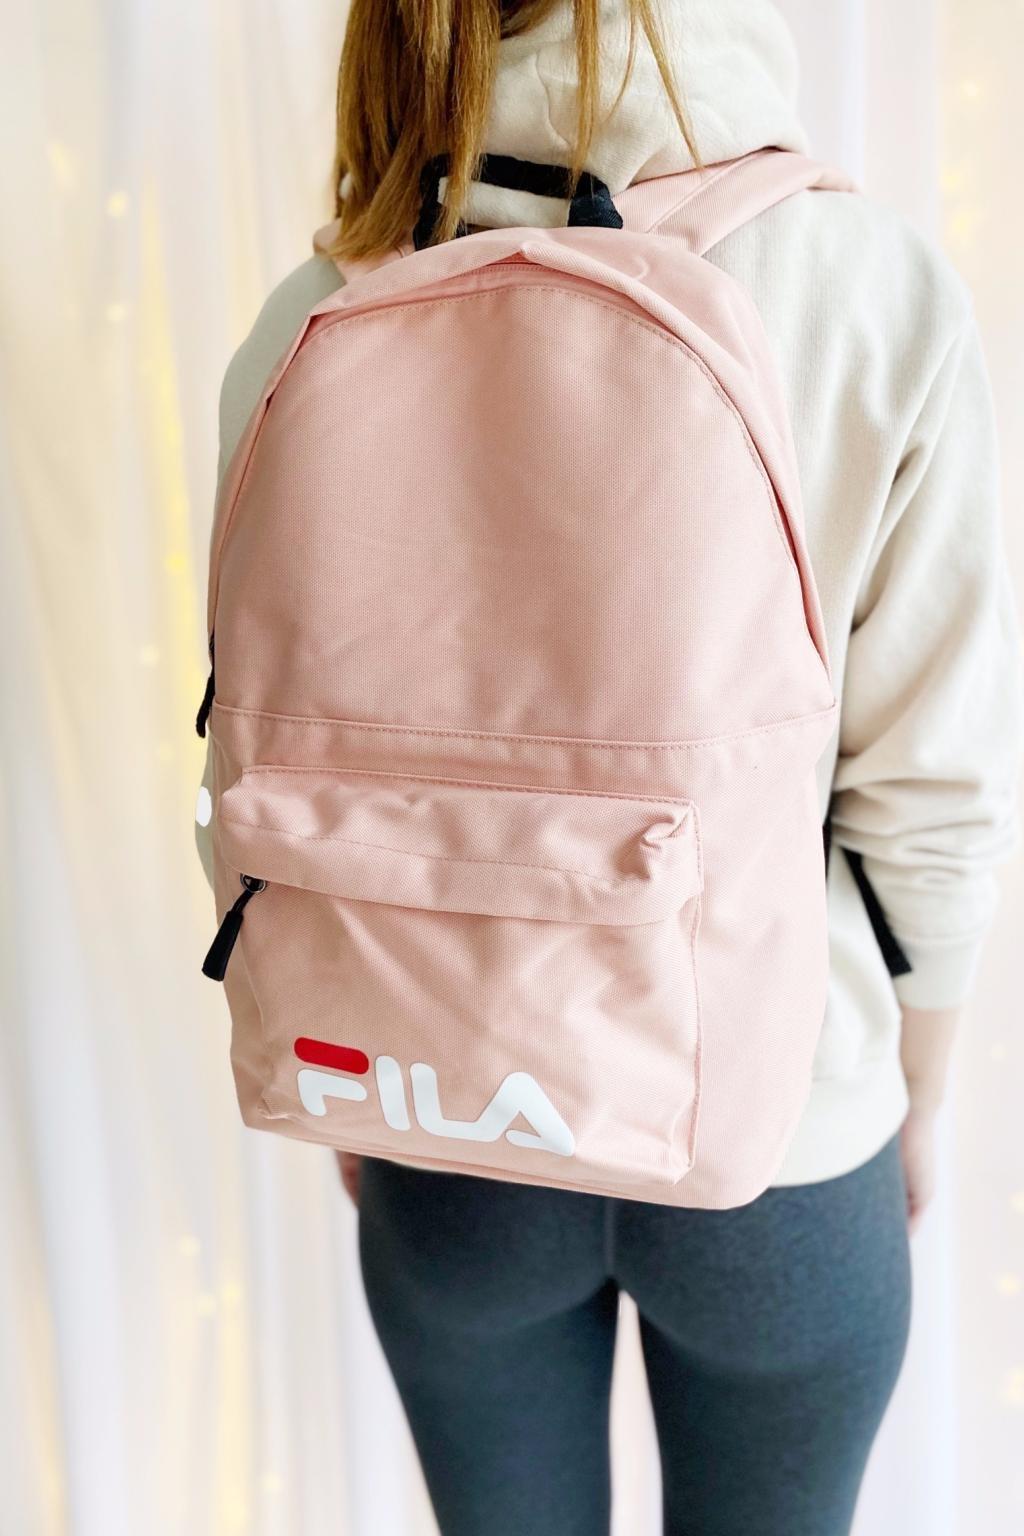 FILA batoh unisex - světle růžový